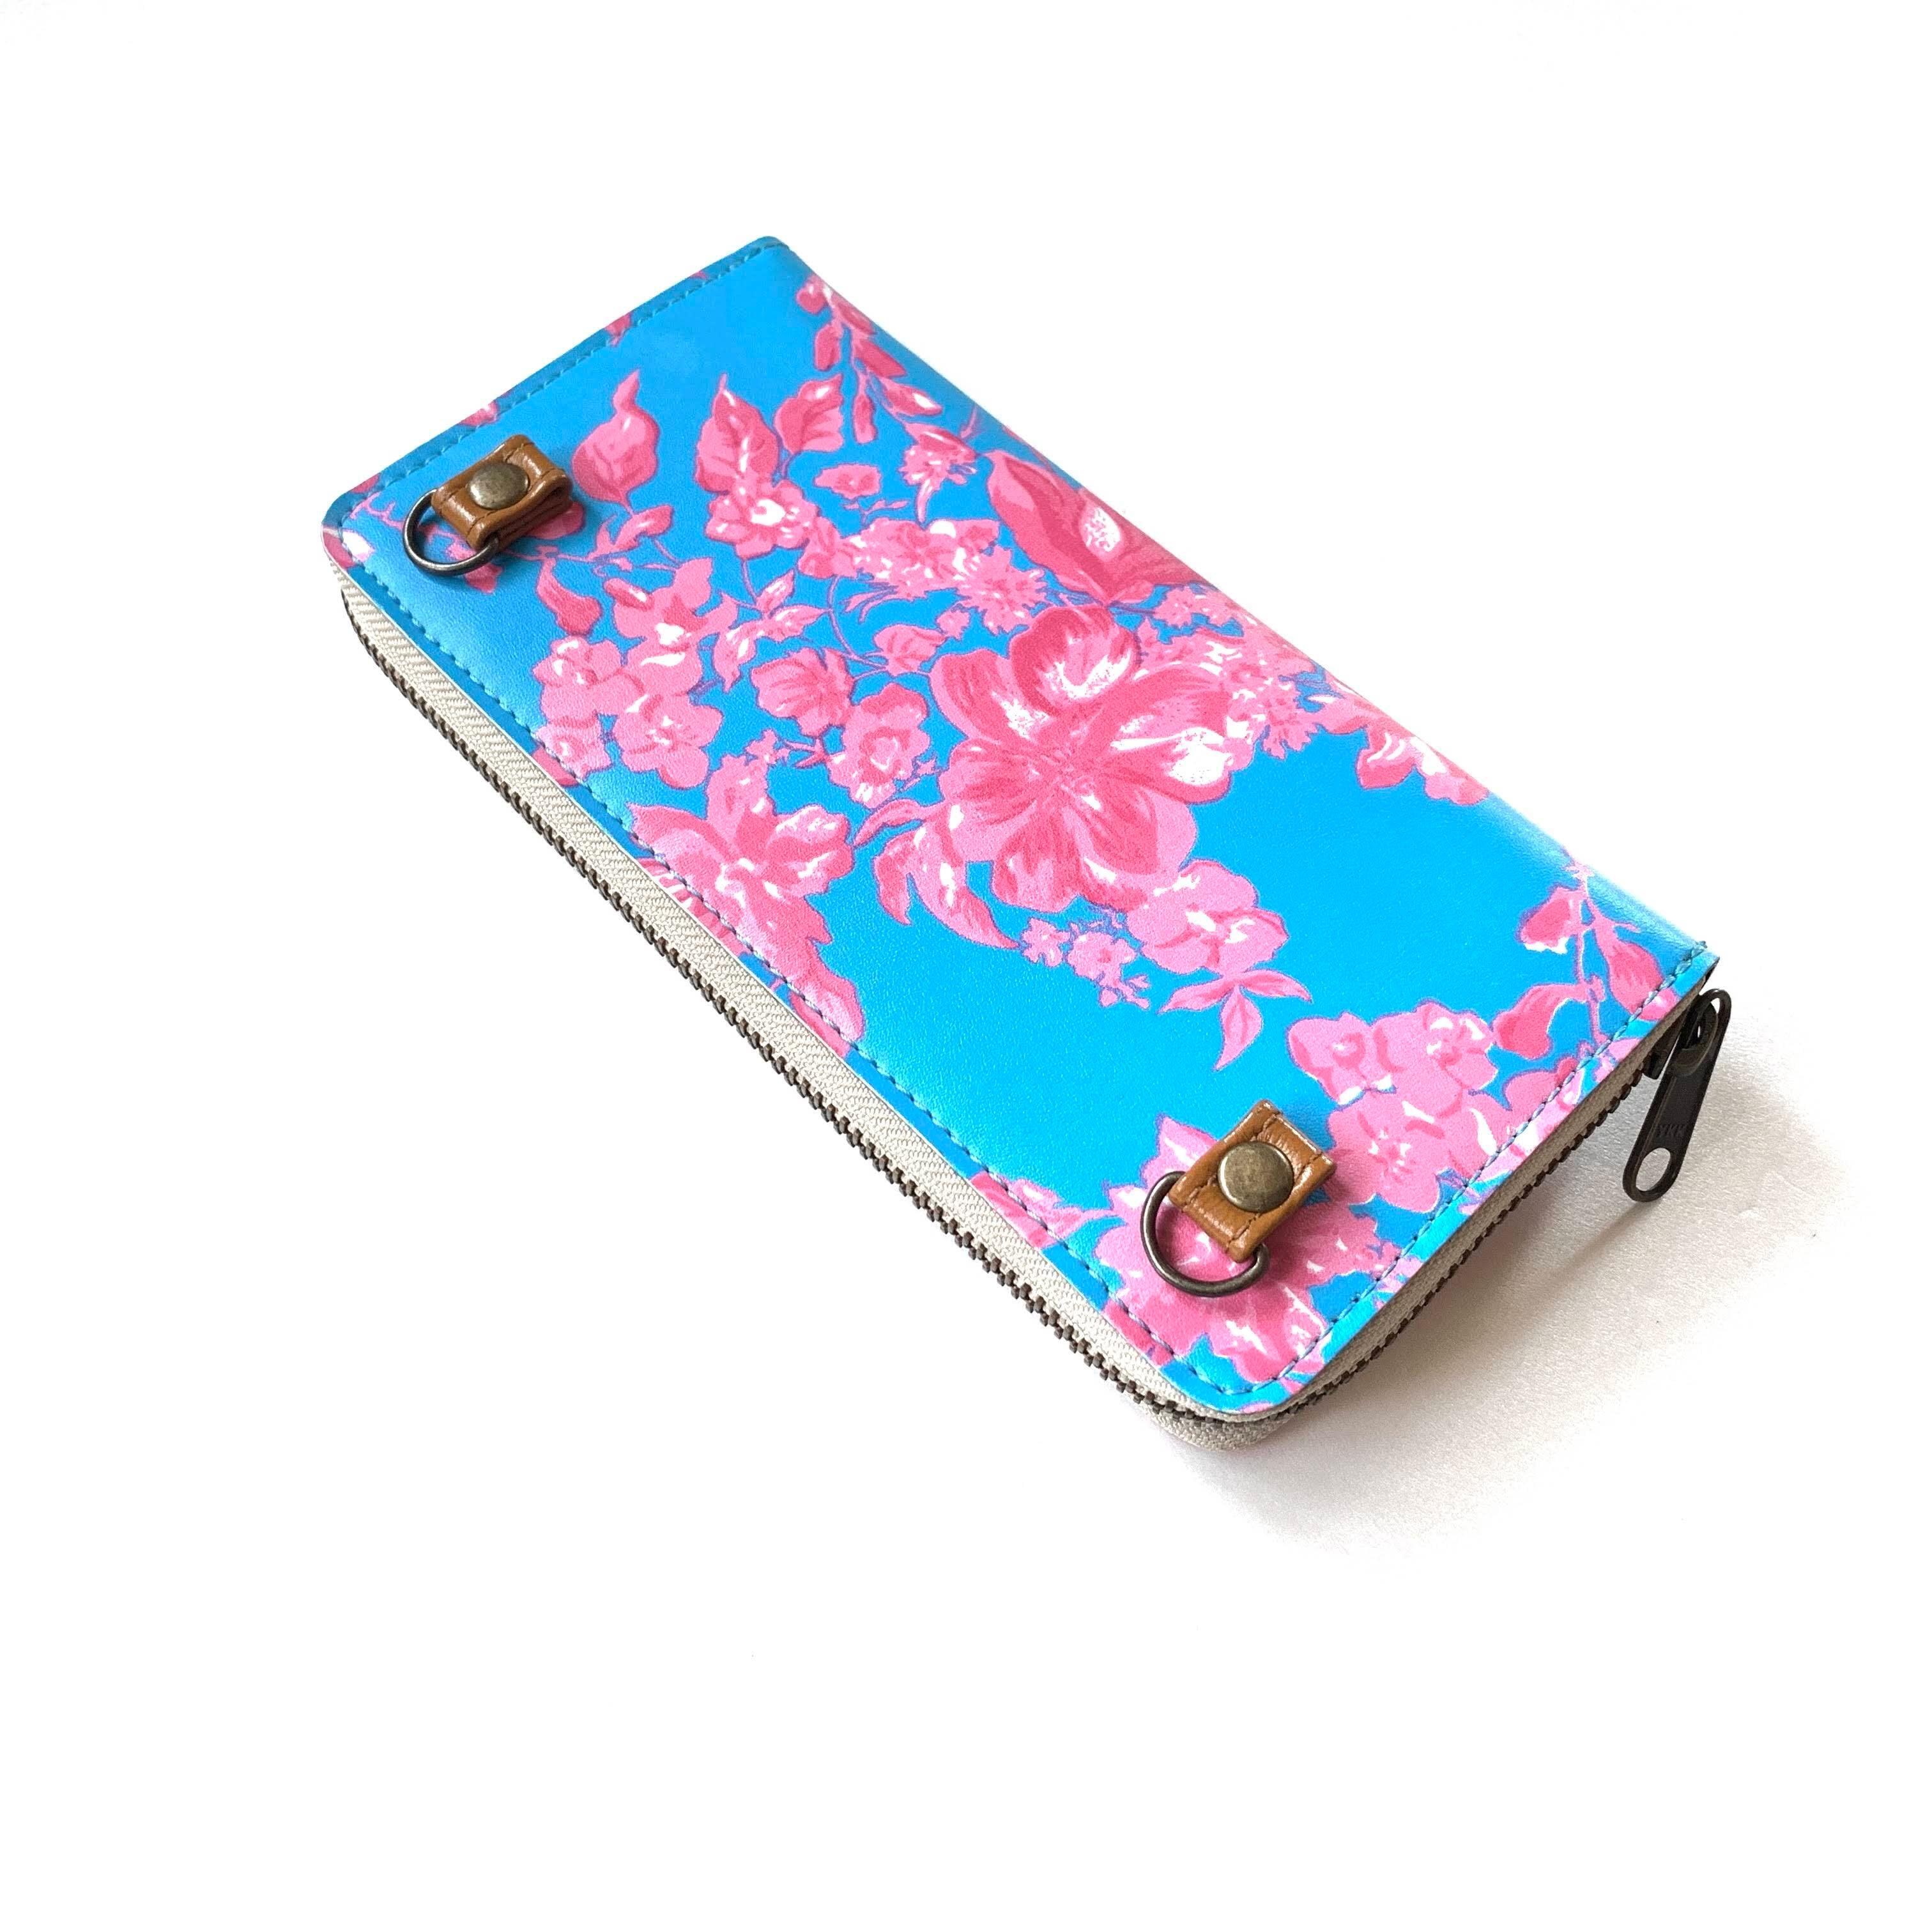 【ハシモト産業 x pink india】北欧デザイン ストラップホルダー付牛革ラウンド財布 | north blue